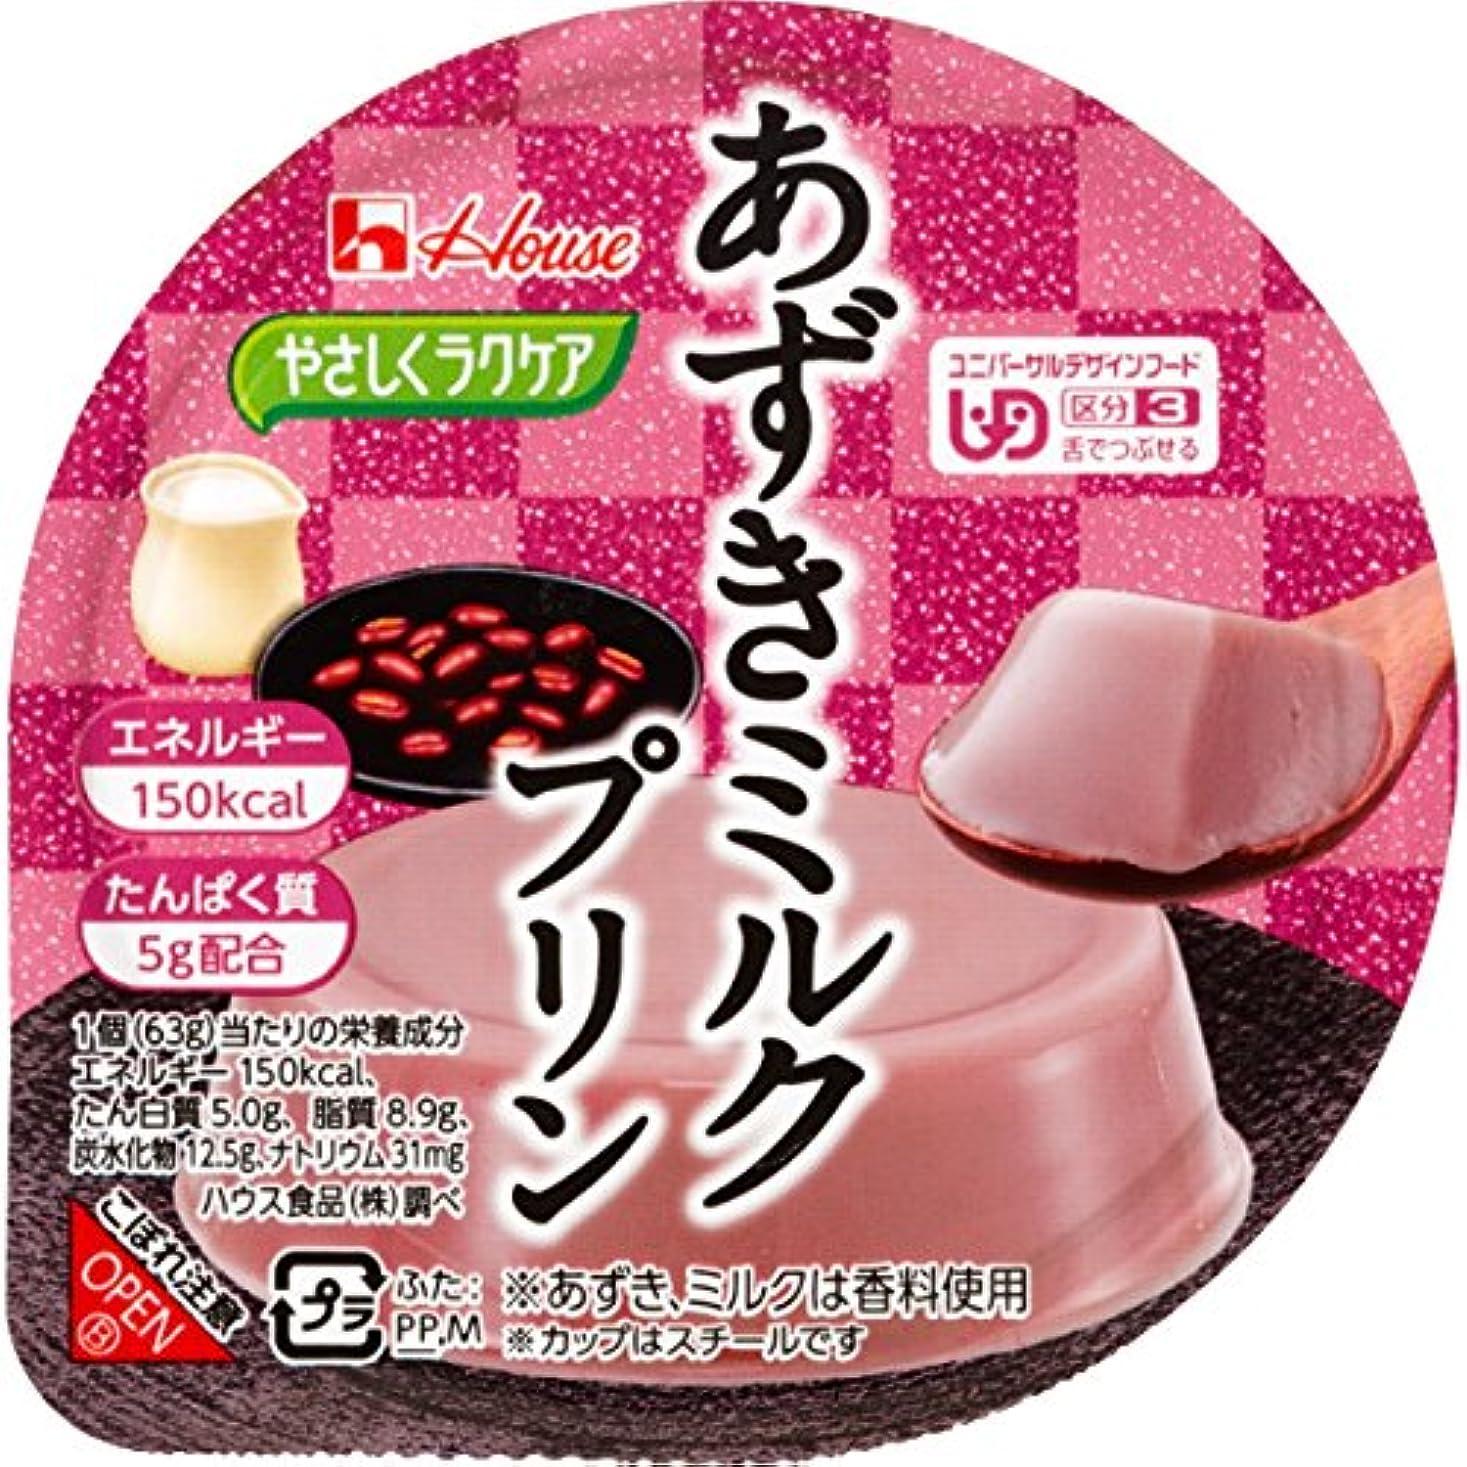 ハウス食品 やさしくラクケア あずきミルクプリン (UDF区分3:舌でつぶせる) 63gx12個